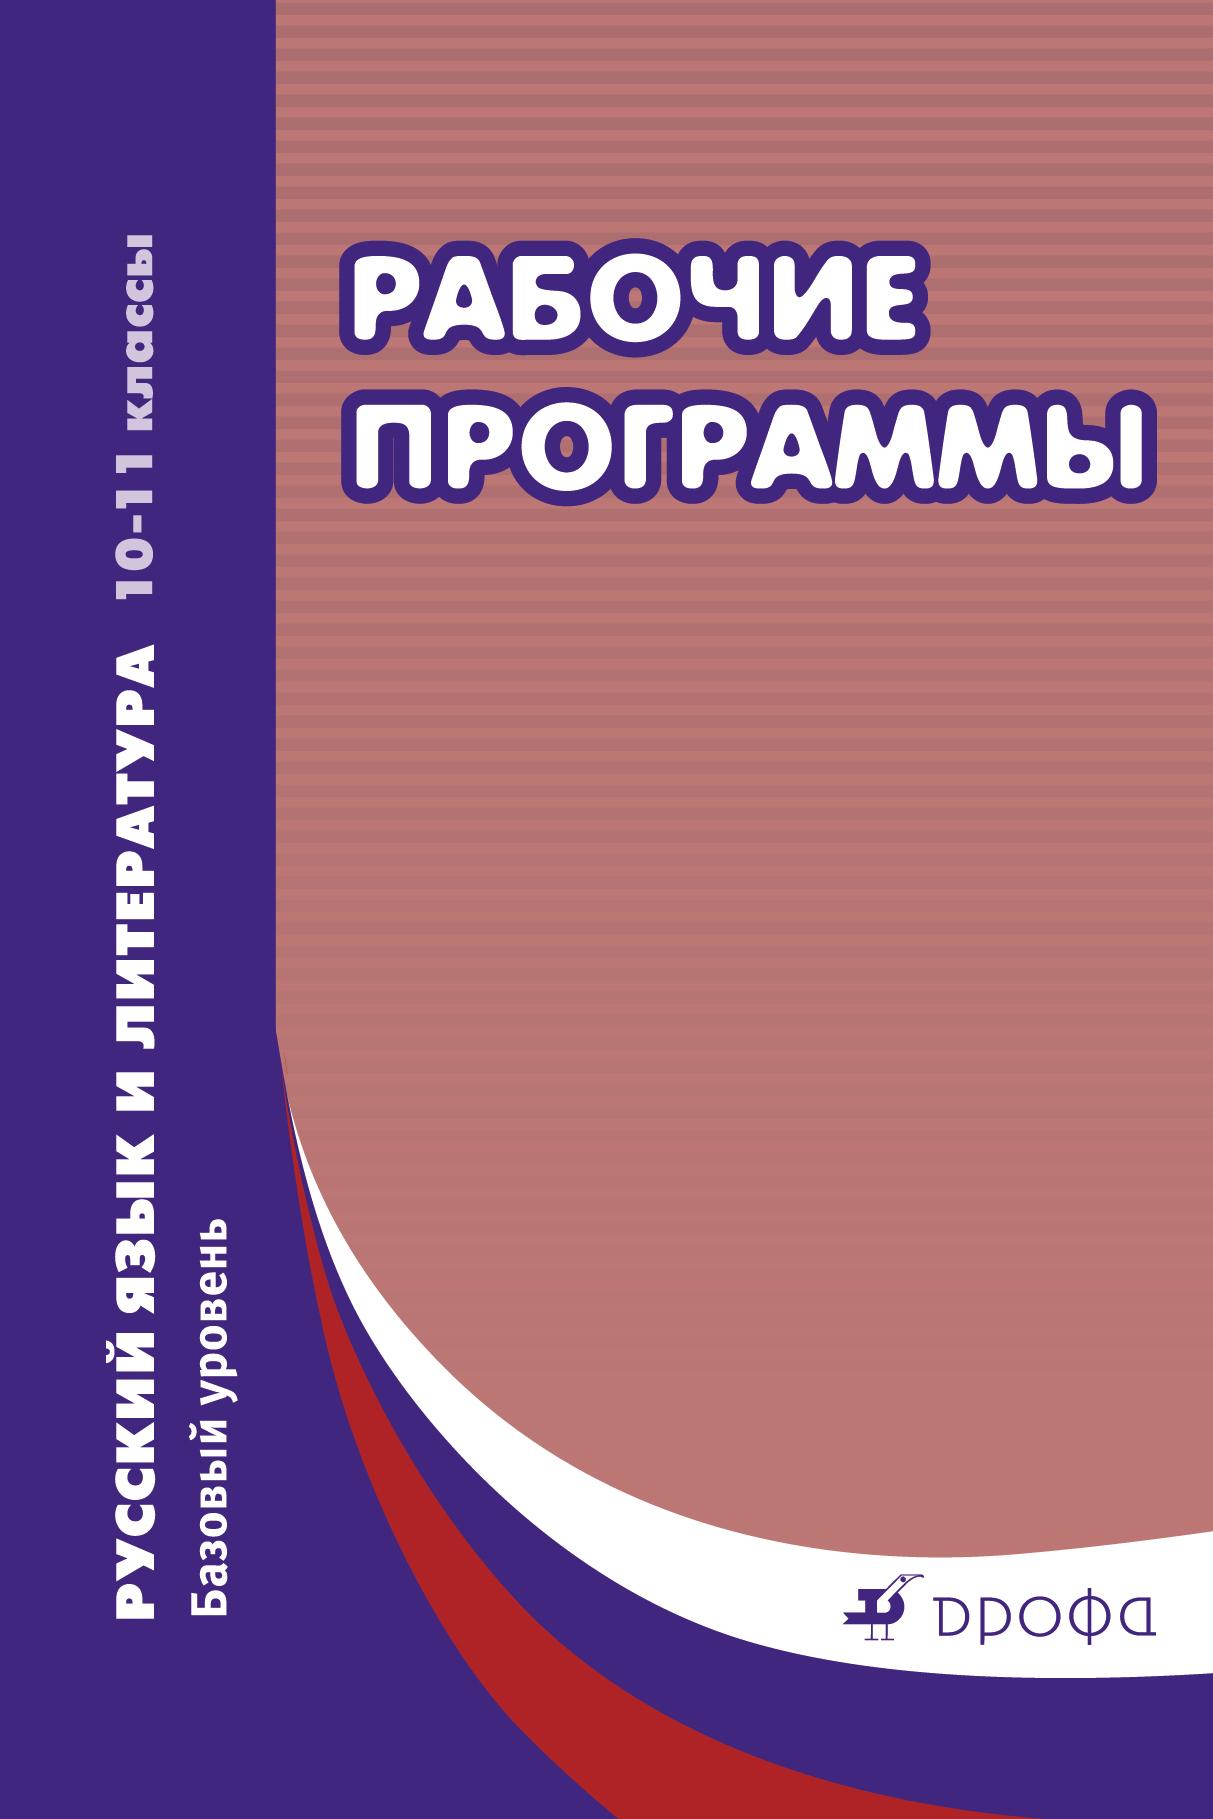 Харитонова Е.И. (составитель) Русский язык и литература. Базовый уровень. 10–11 классы. Рабочие программы учебники вентана граф английский язык базовый уровень 10 11 классы программа